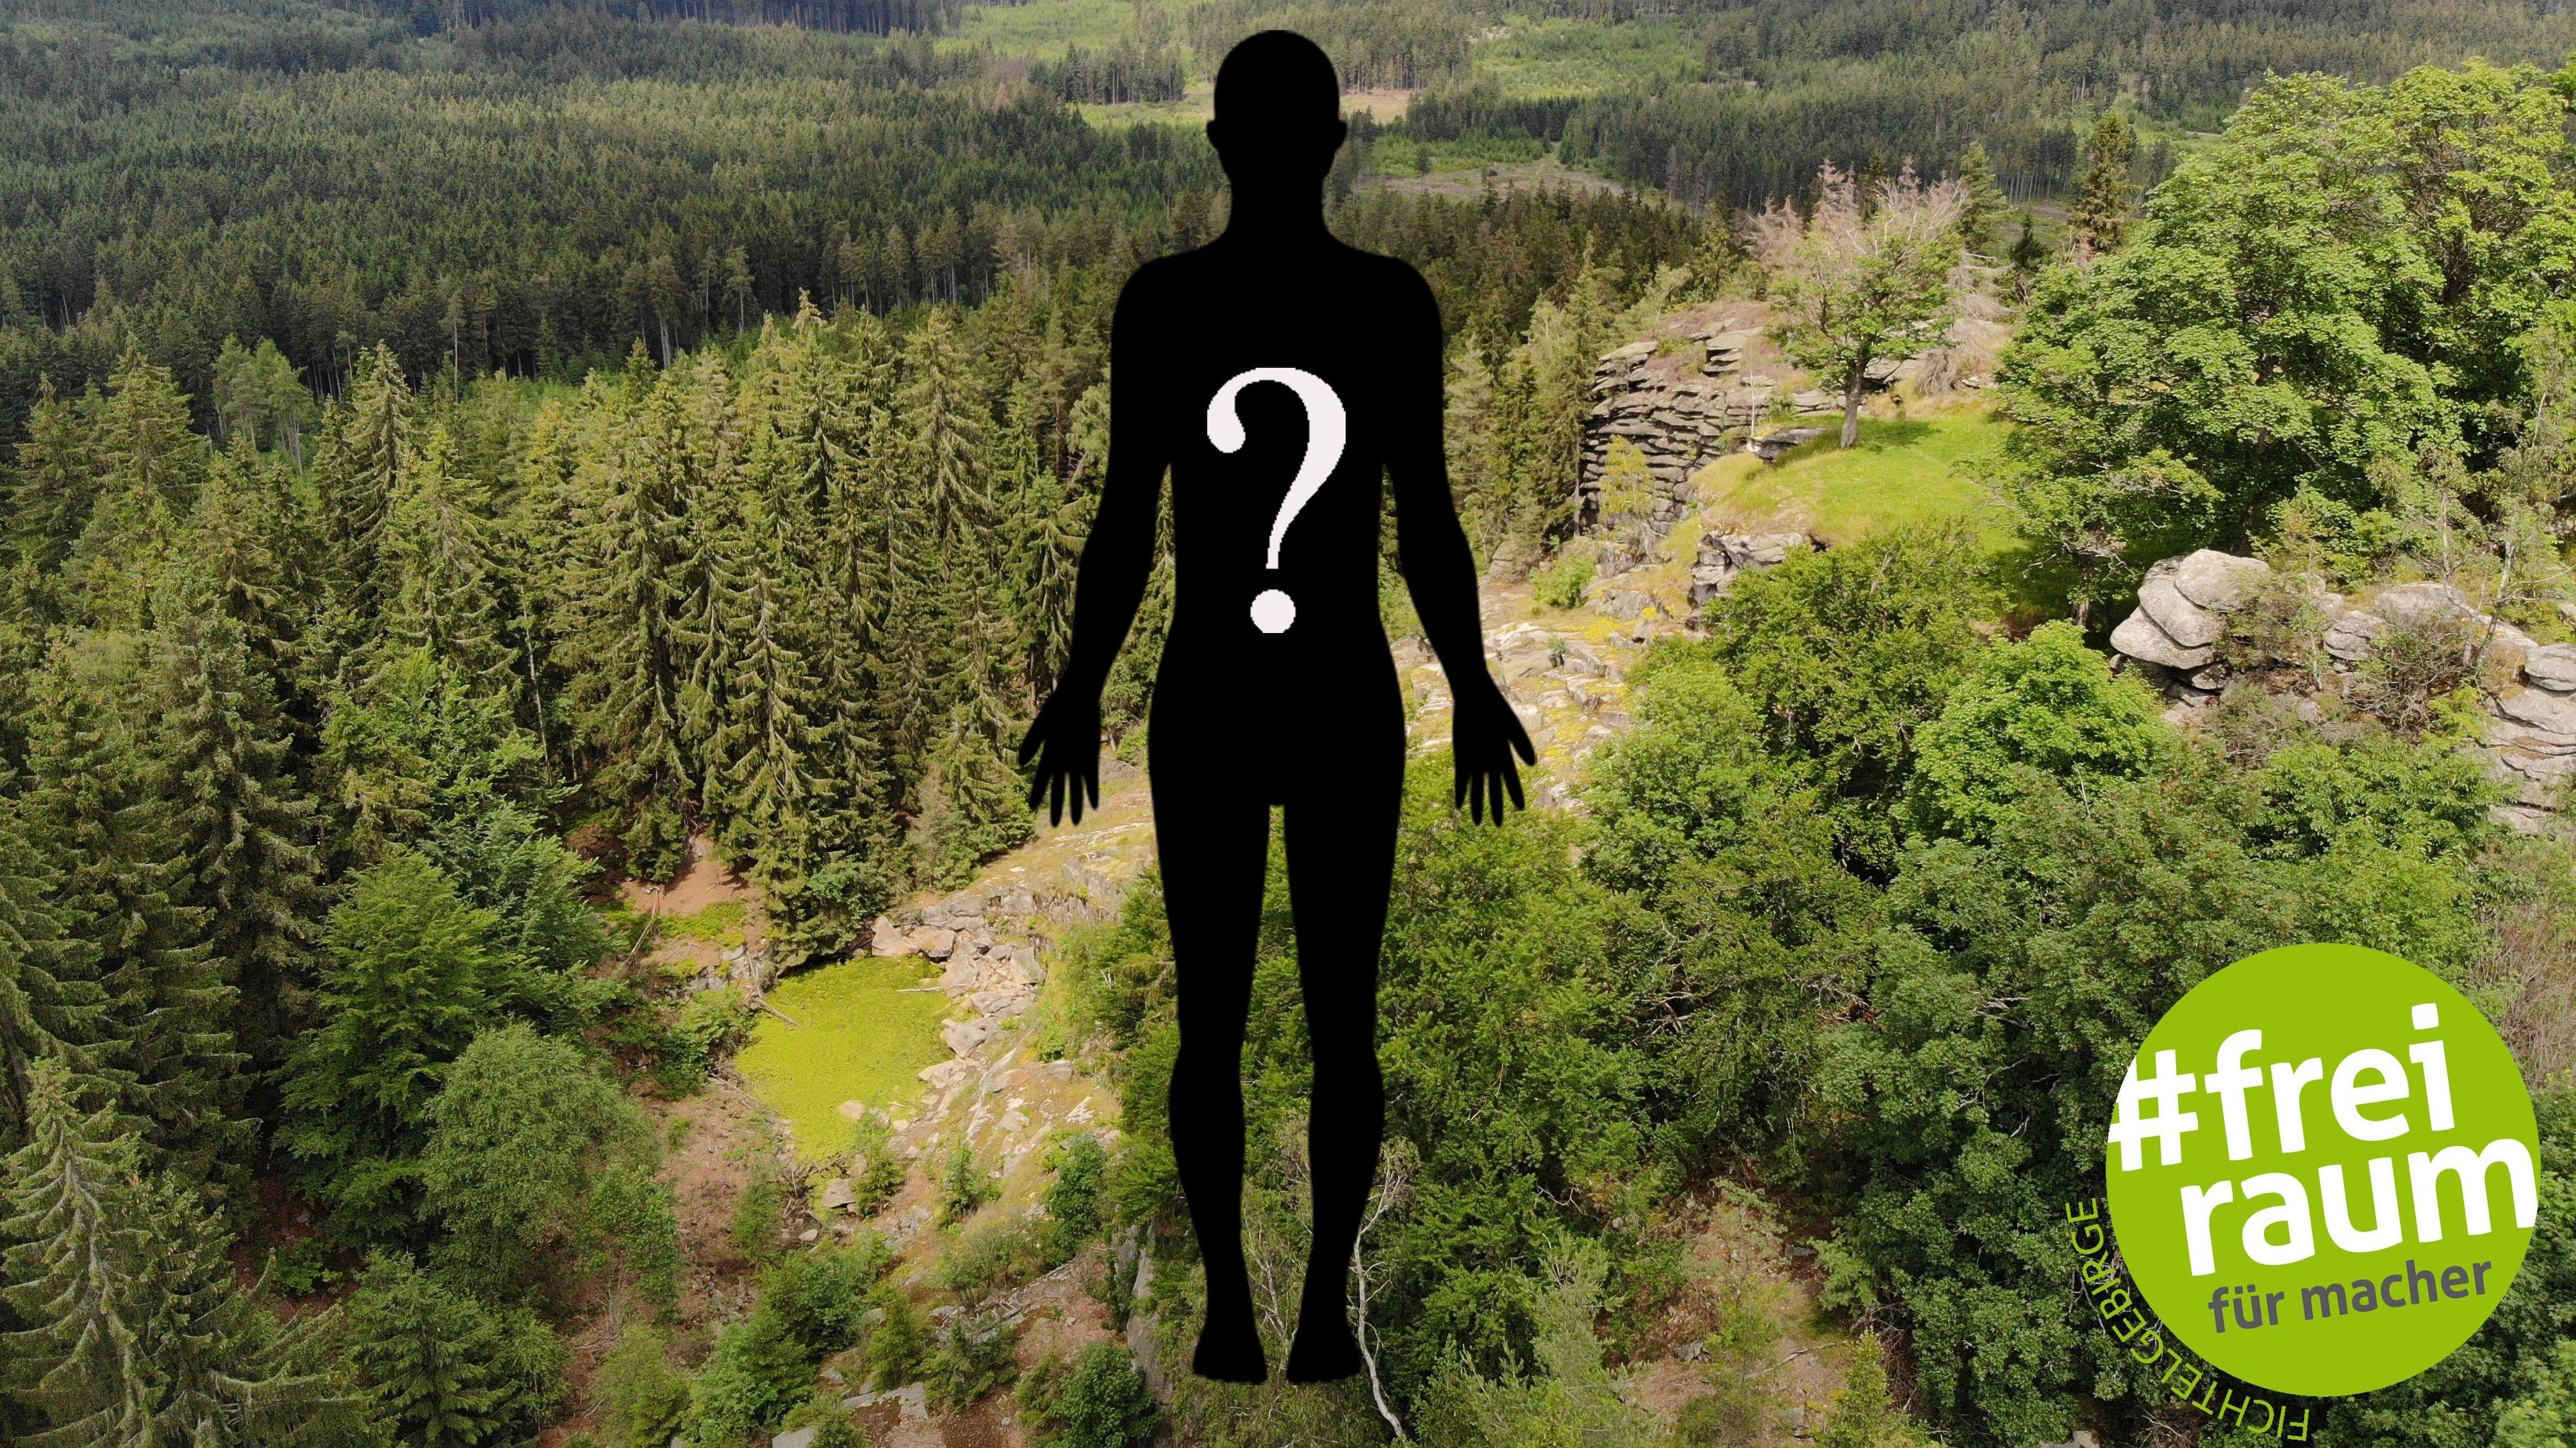 Eine schwarze Figur mit einem Fragezeichen auf dem Rücken vor der Fichtelgebirgslandschaft.